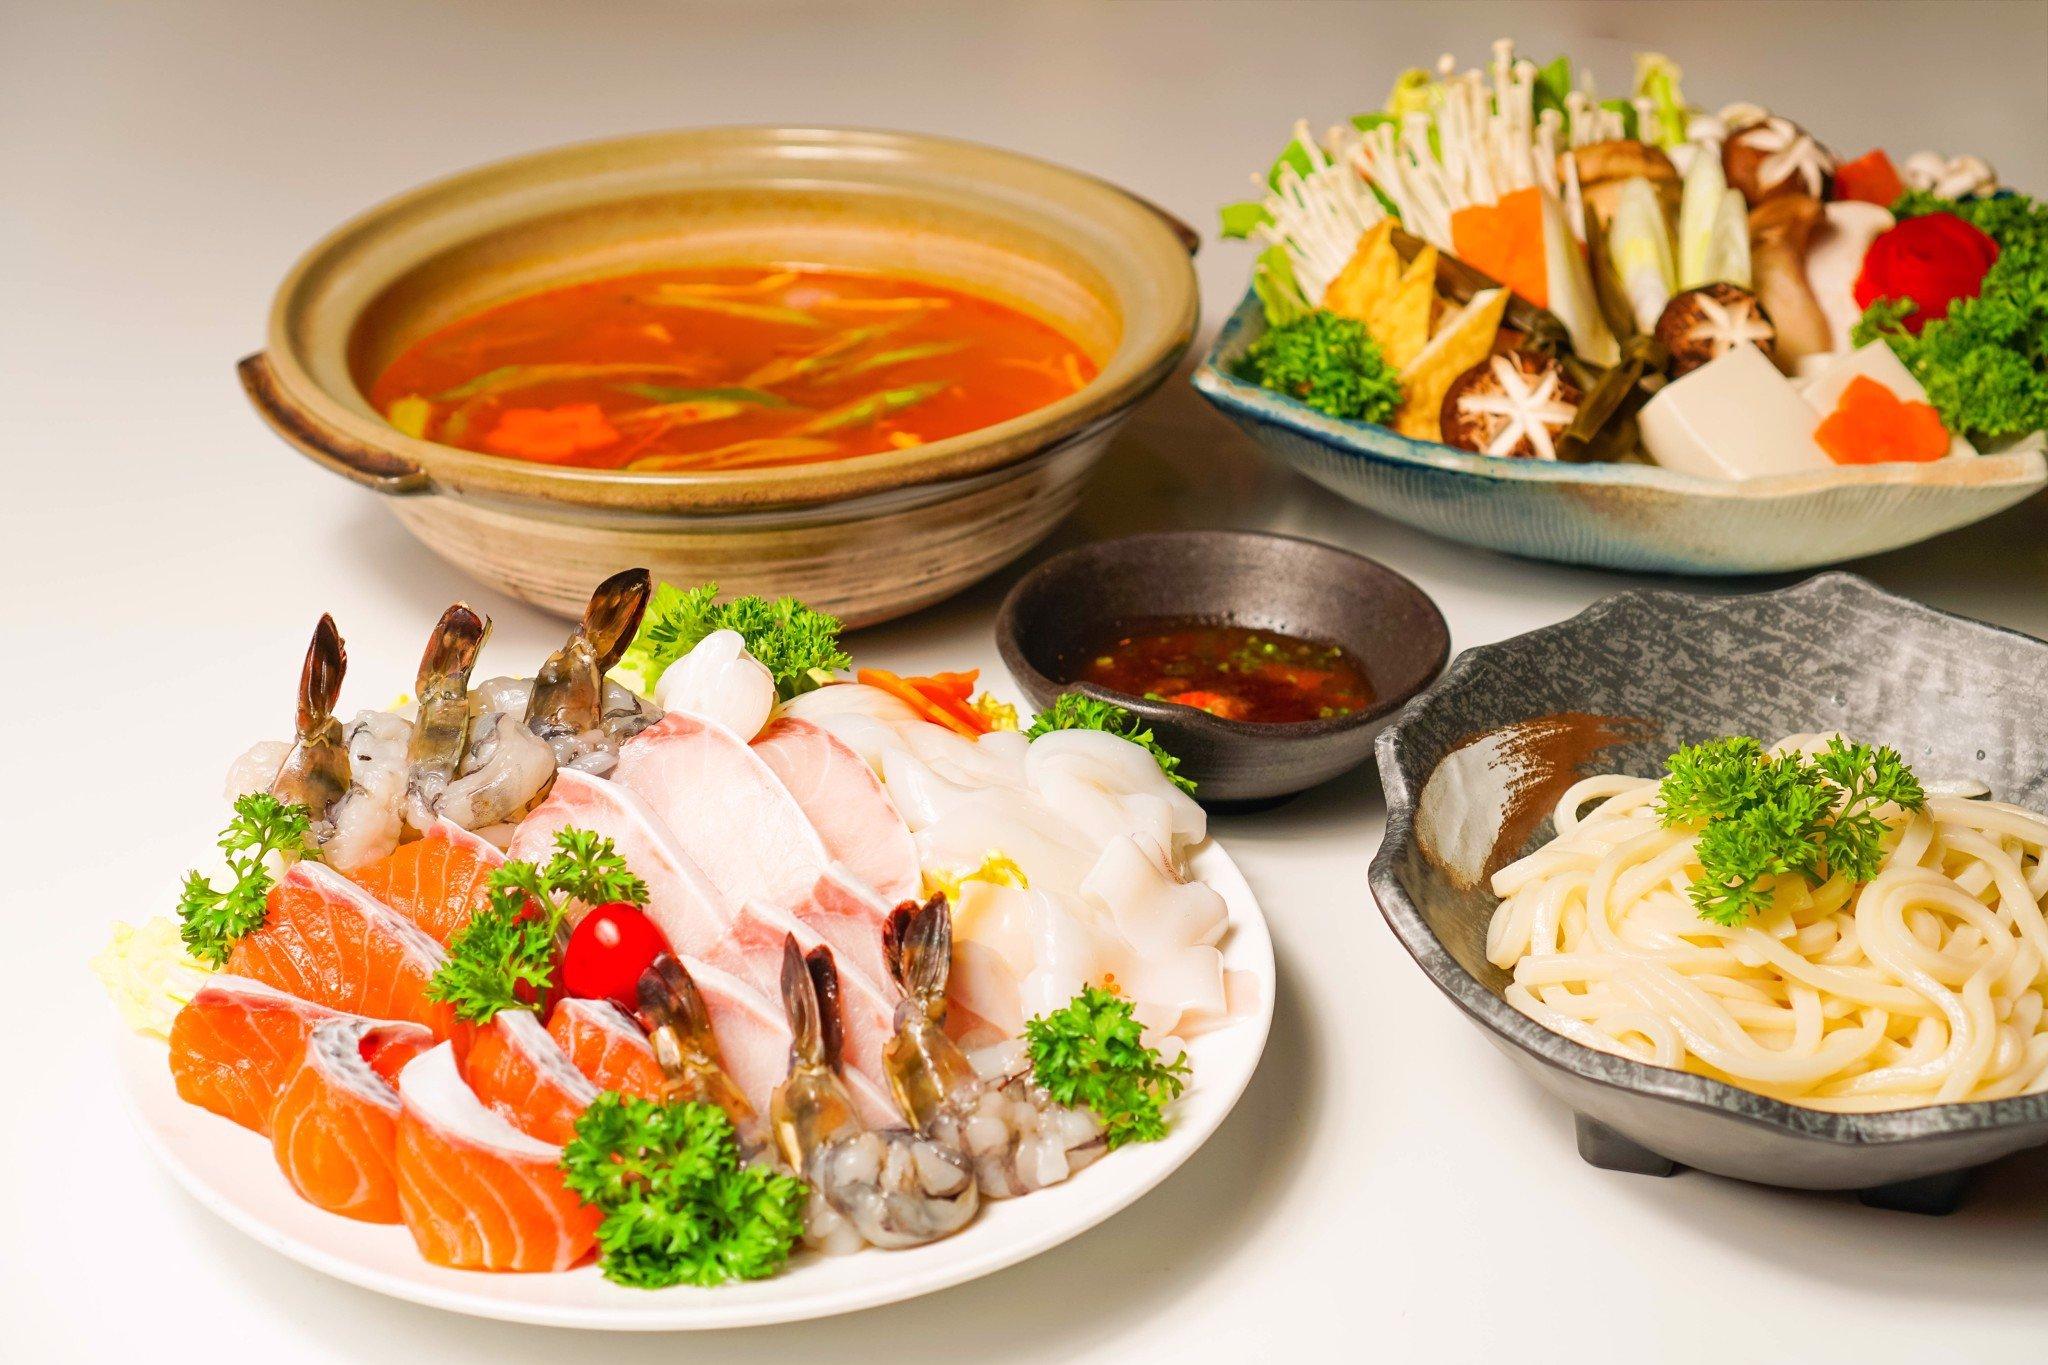 nguyên liệu nấu lẩu hải sản